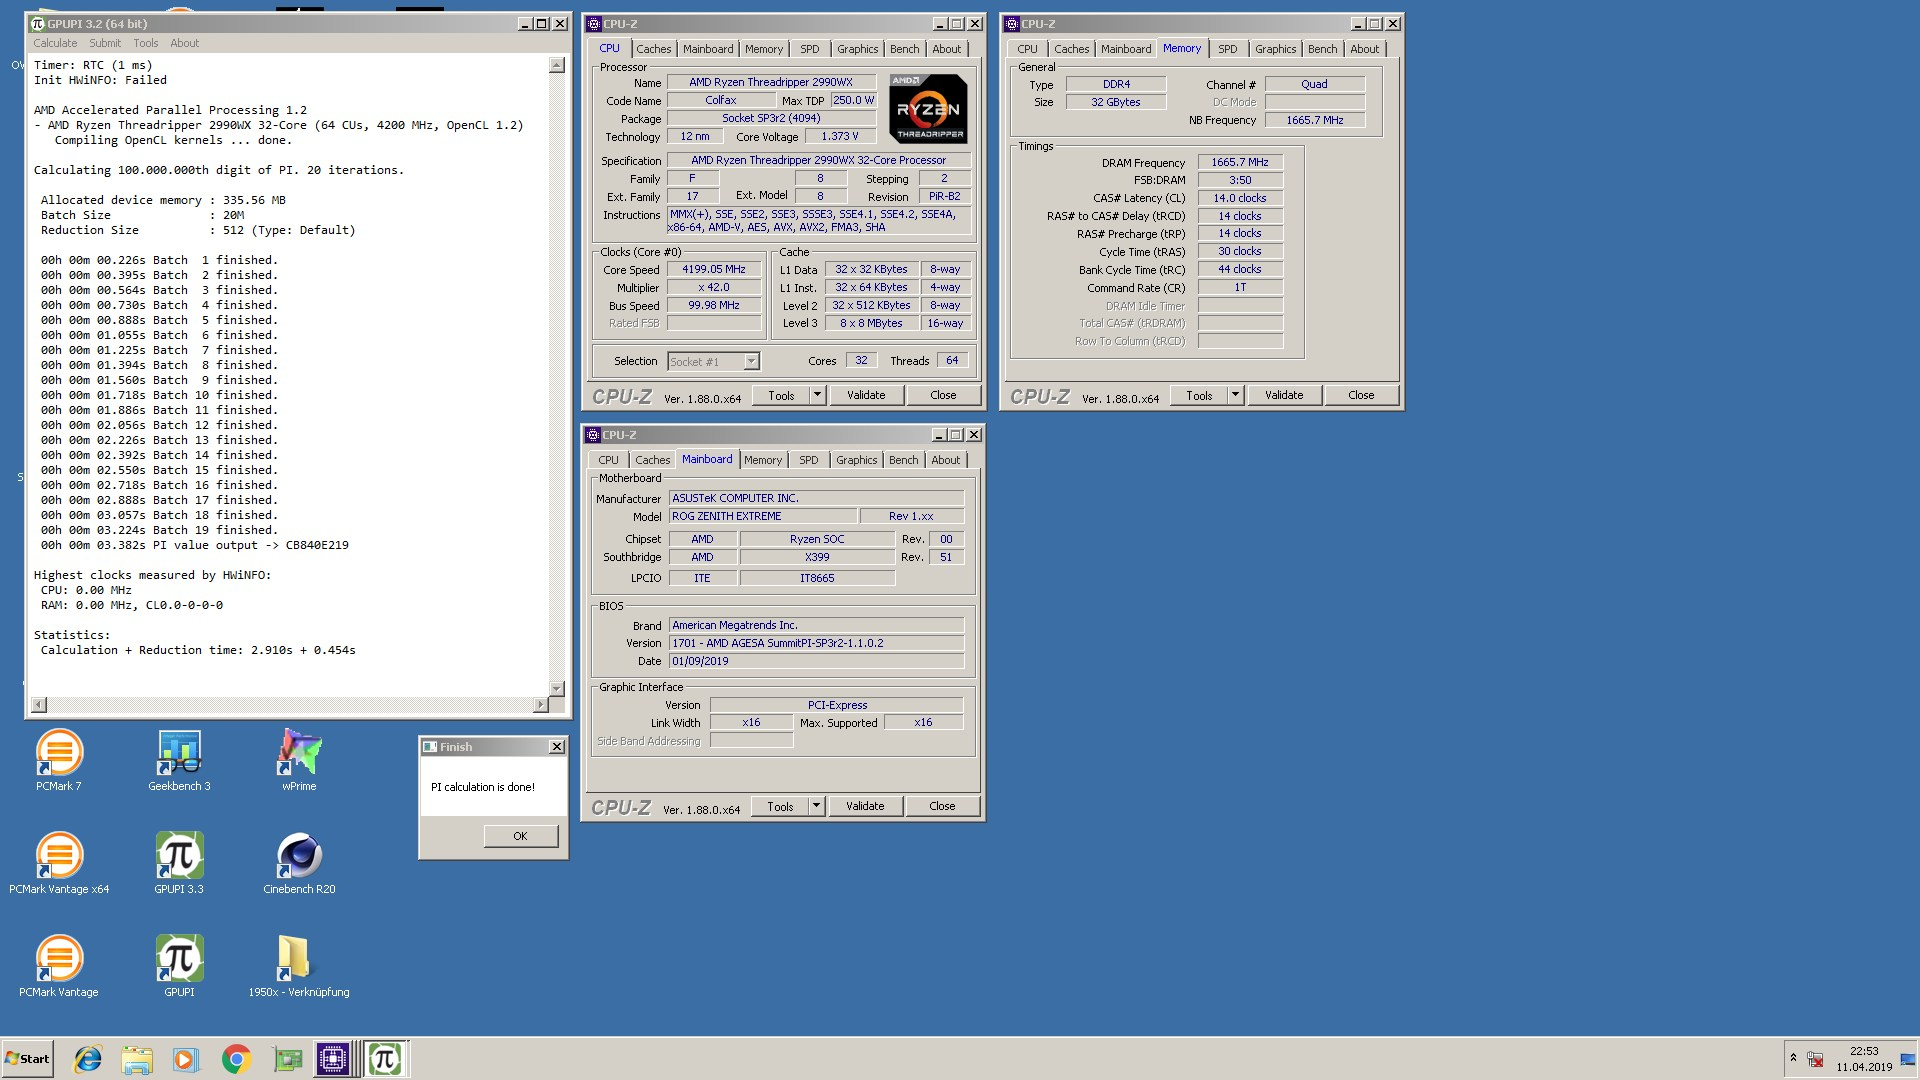 OVIZ Hardware Lab`s GPUPI for CPU - 100M score: 3sec 382ms